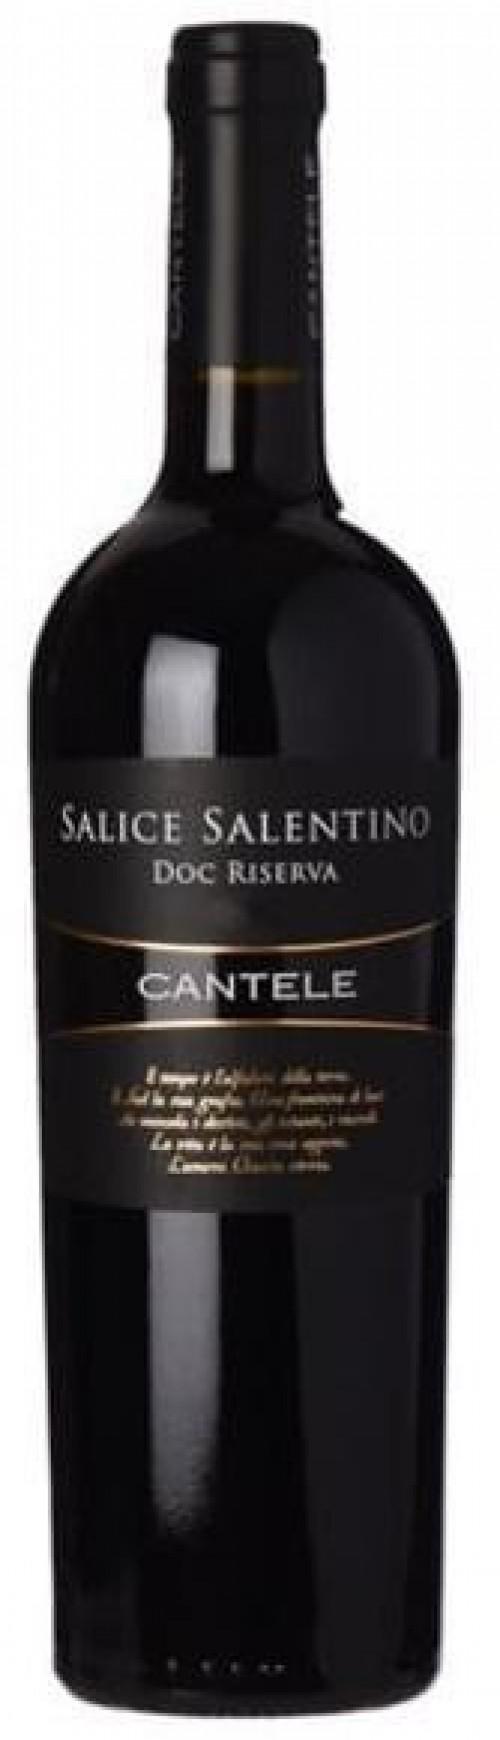 Cantele Salice Salentino Riserva 750ml